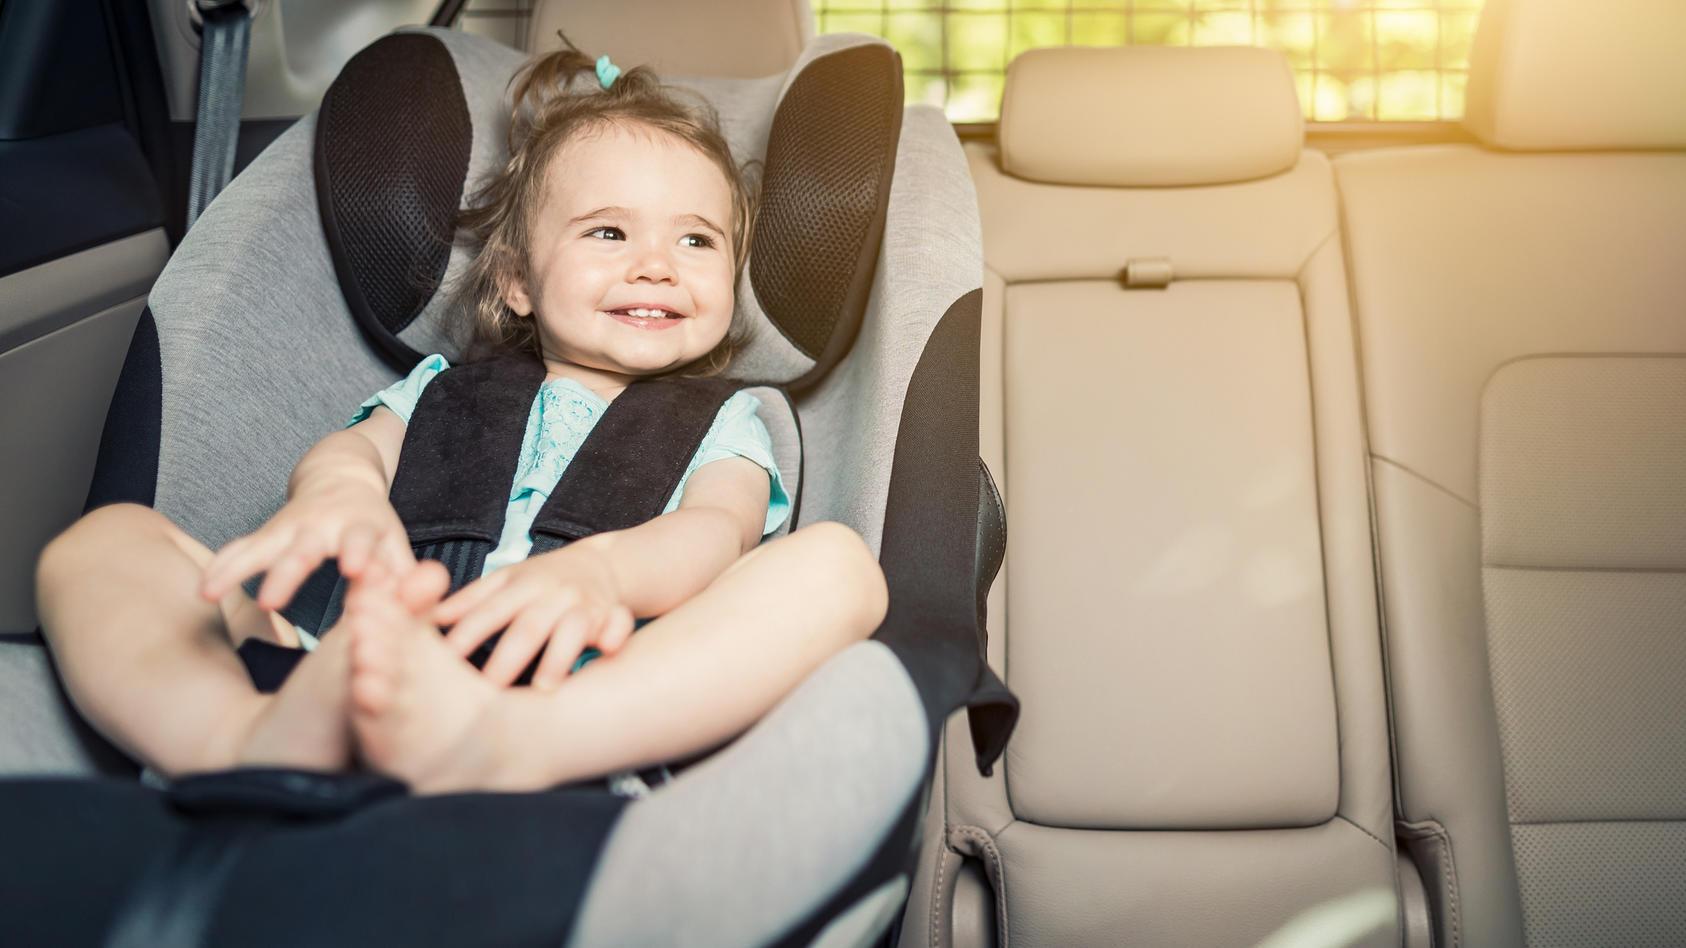 Erfreulich: Im Falle eines Unfalls wären alle getesteten Sitze sicher.